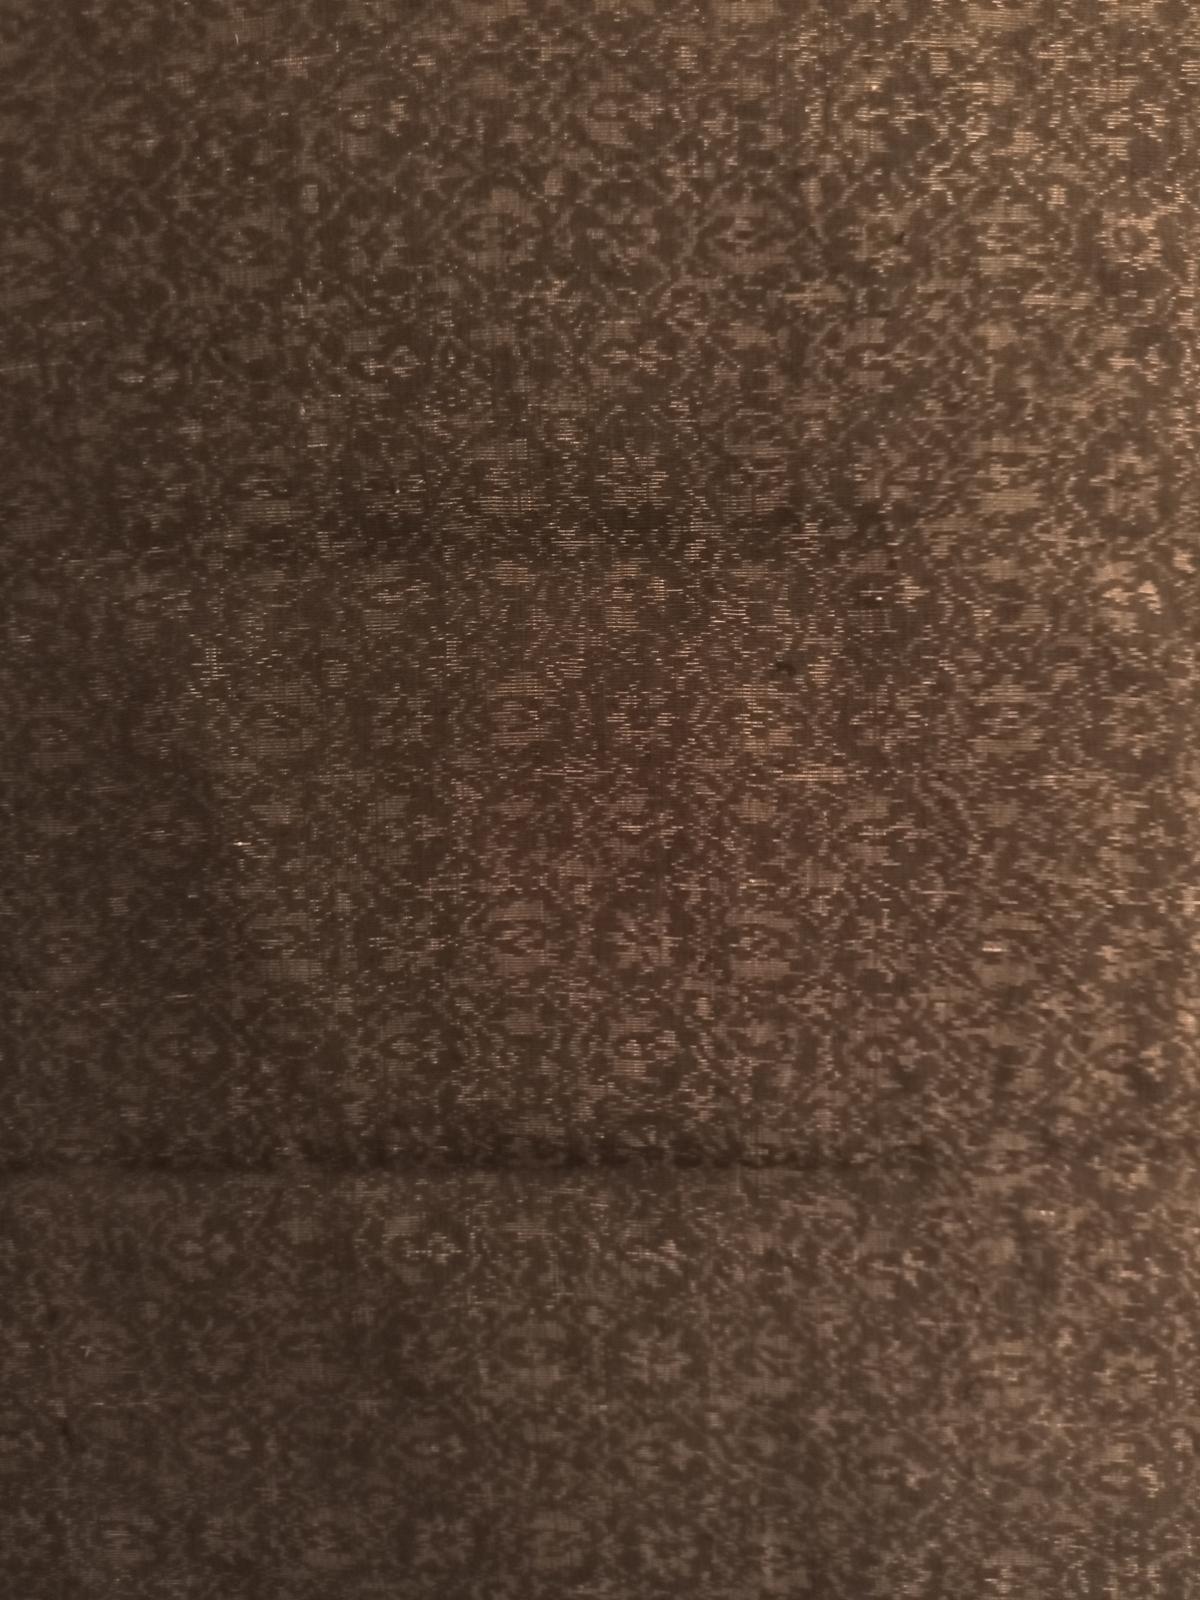 f:id:uribouwataru:20210530132109j:plain